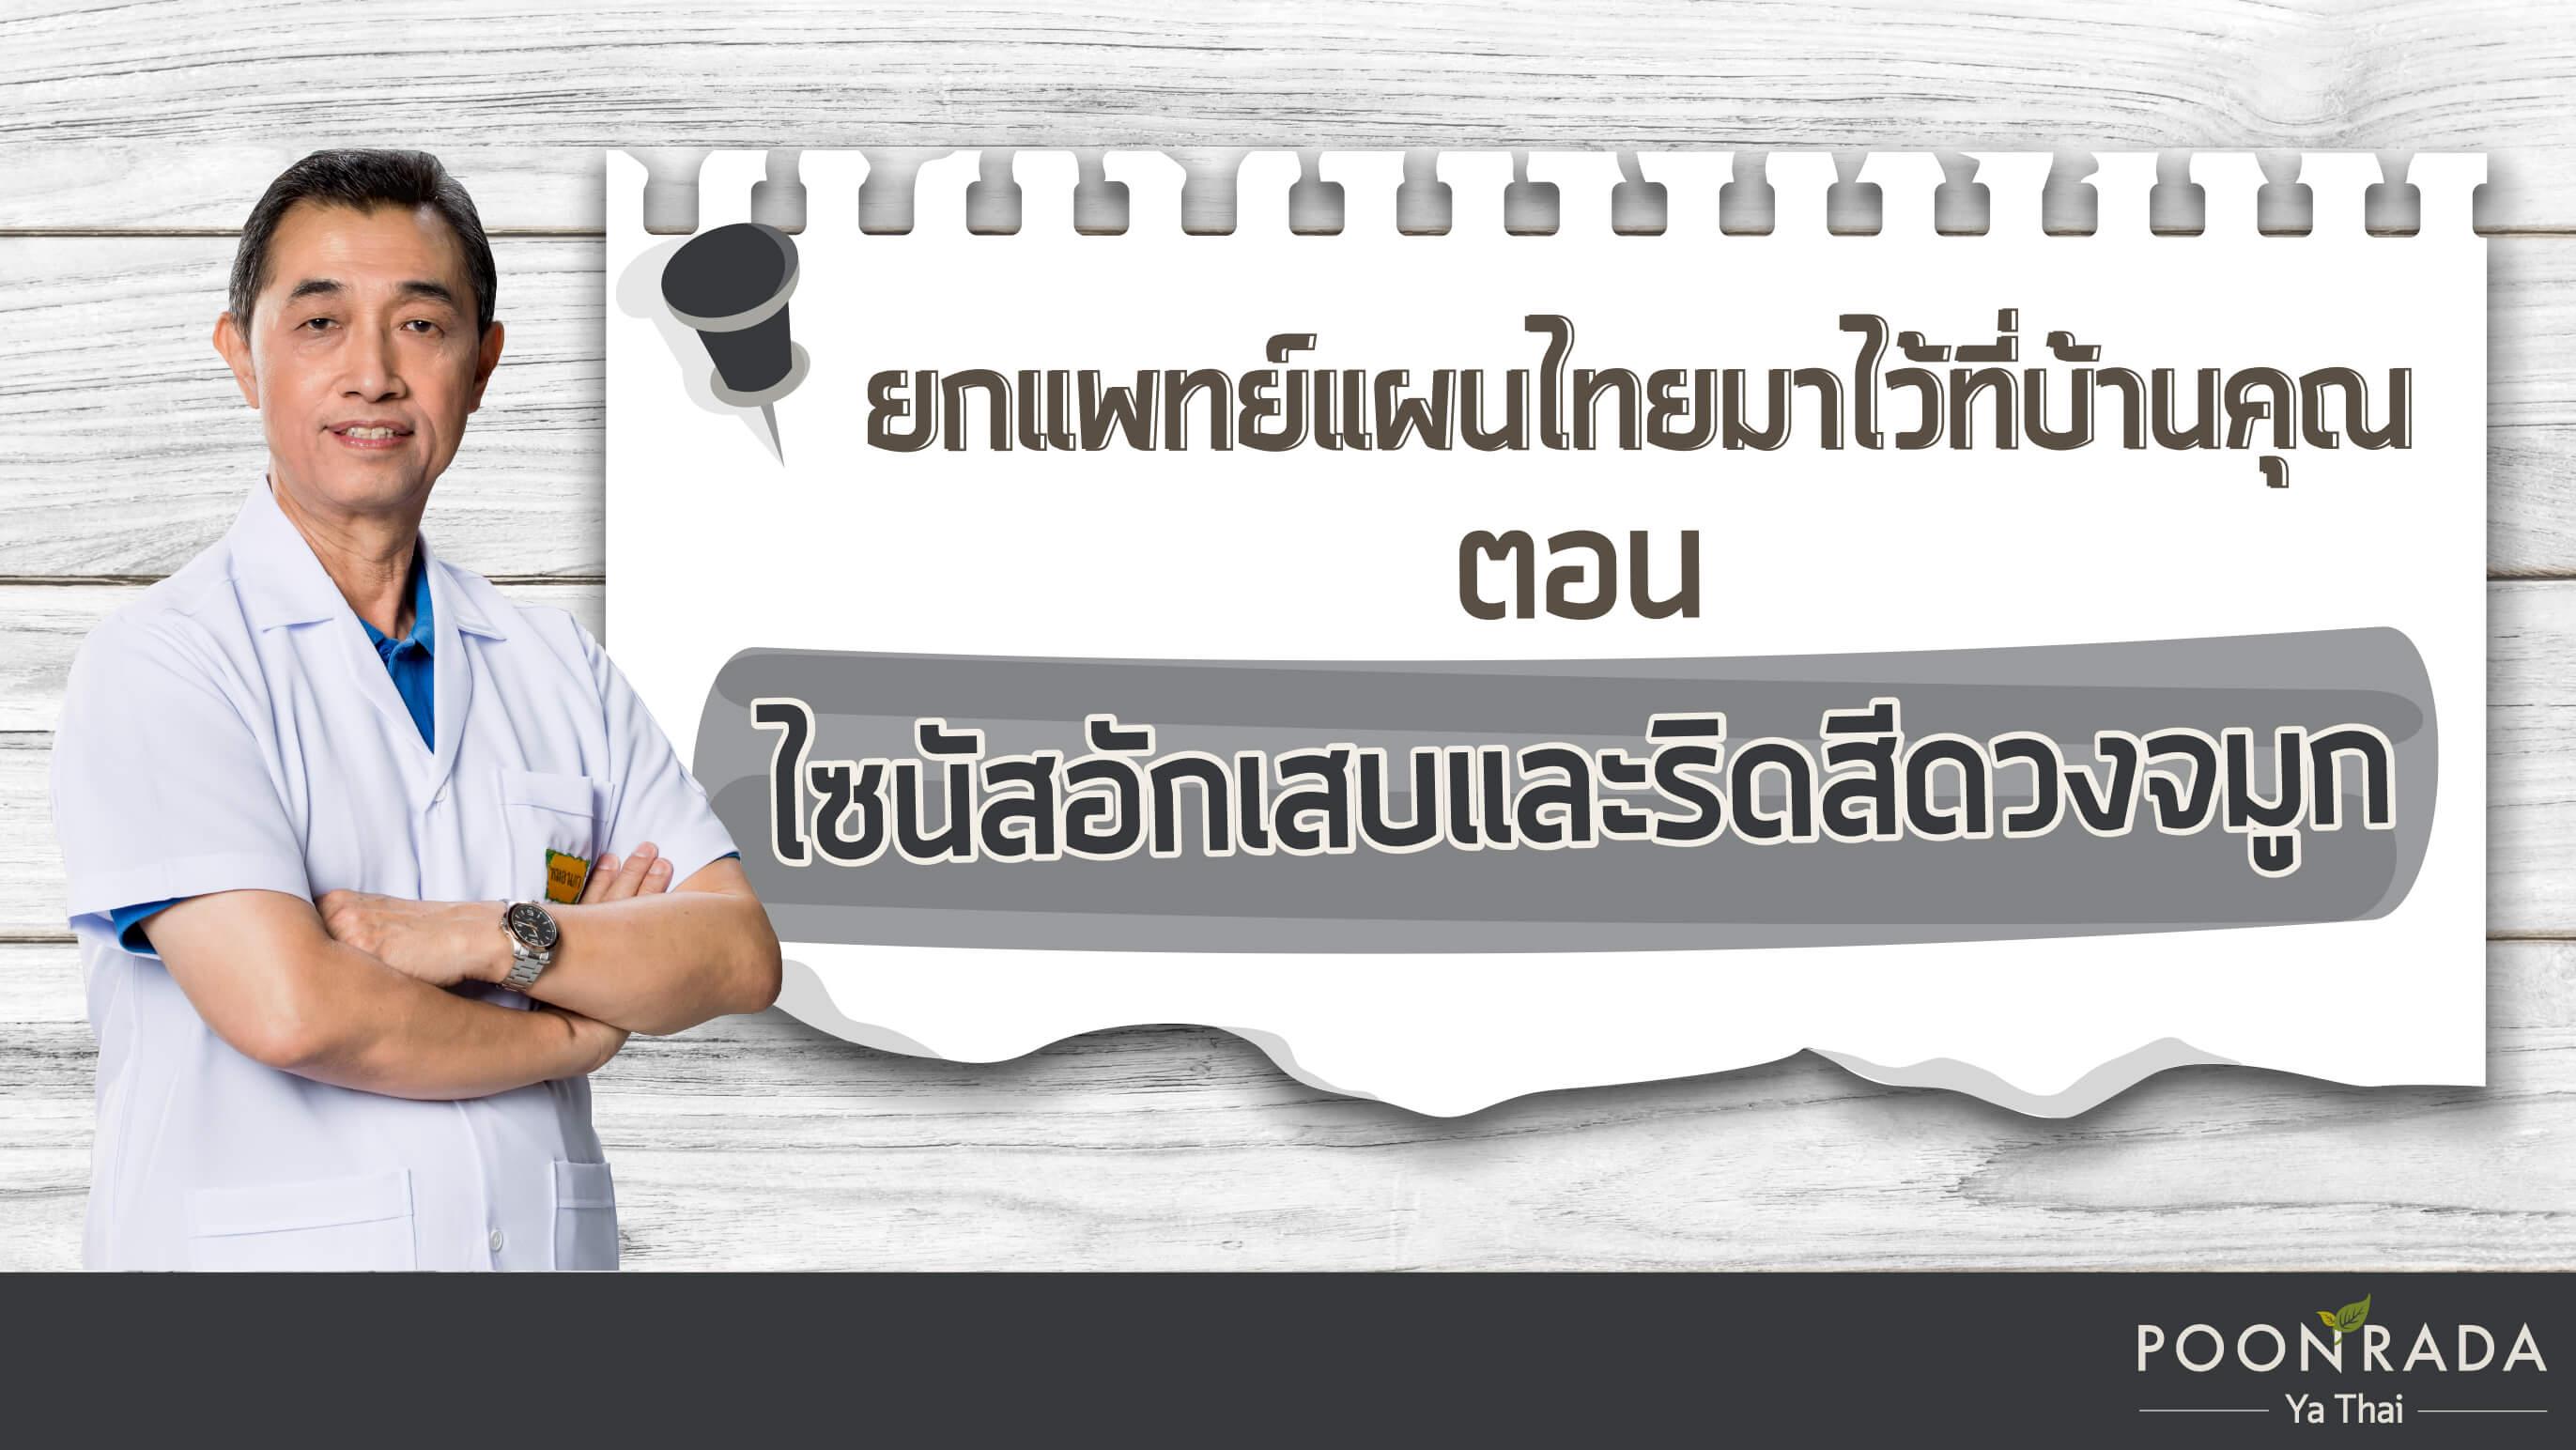 ยกแพทย์แผนไทยมาไว้ที่บ้านคุณ ตอน ริดสีดวงจมูกและไซนัสอักเสบ